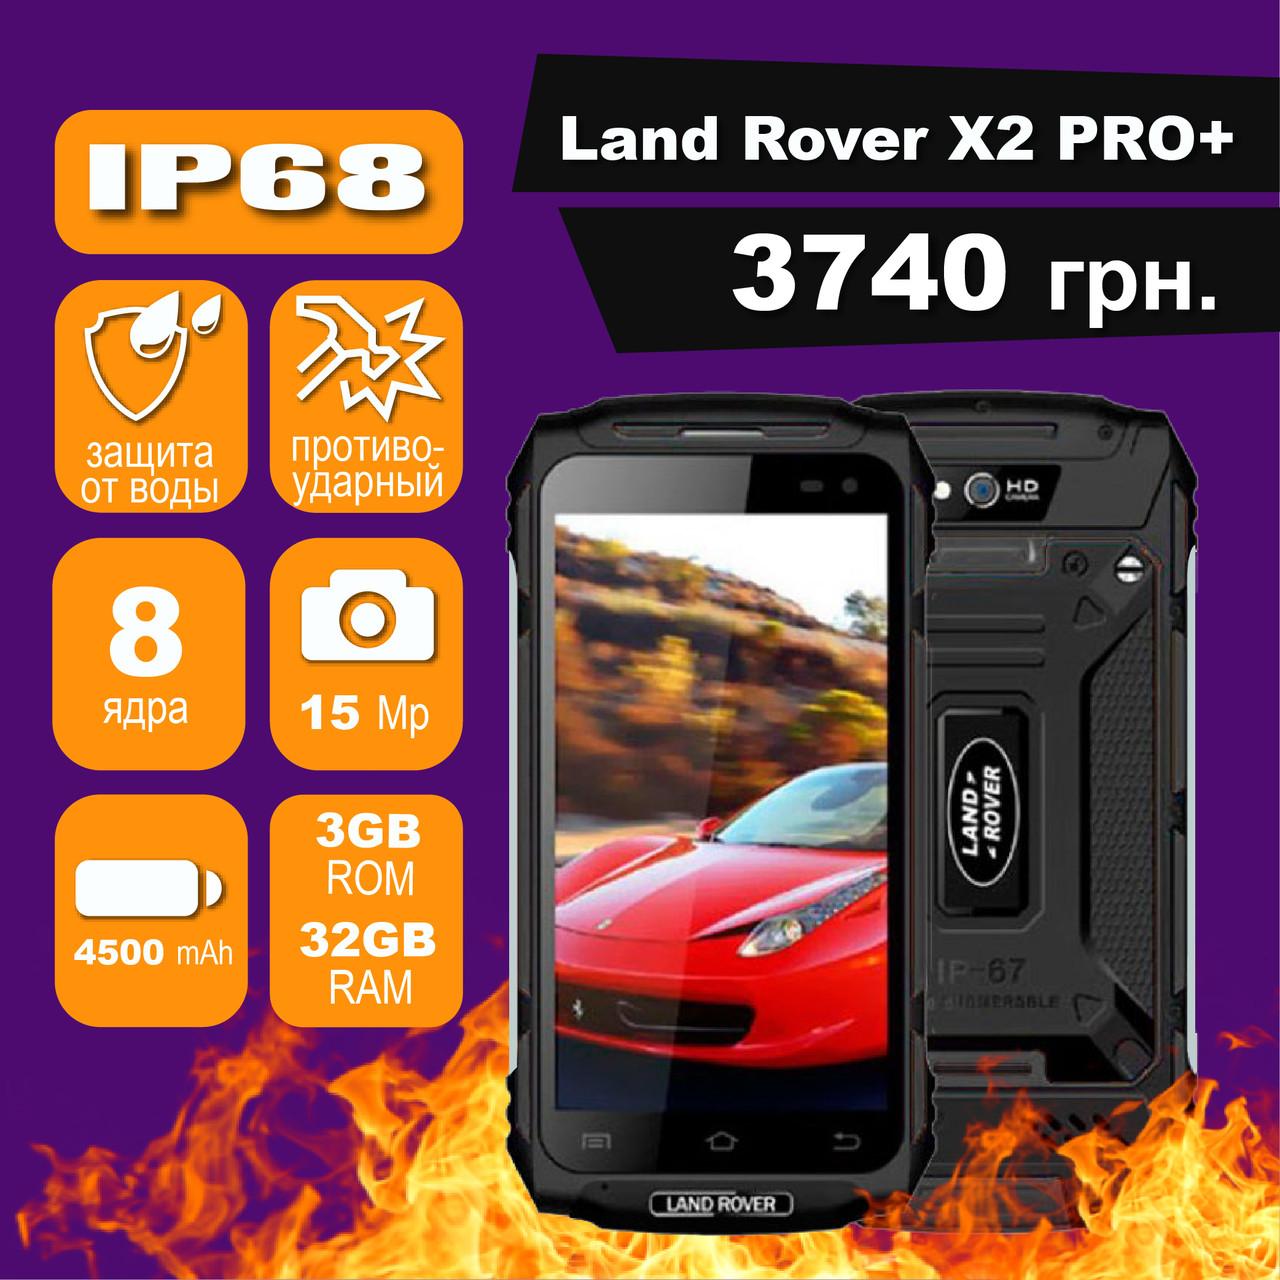 Защищенный Противоударный смартфон Land Rover X2 PRO+  3/32, IP68, 5500 mAh, 15mp